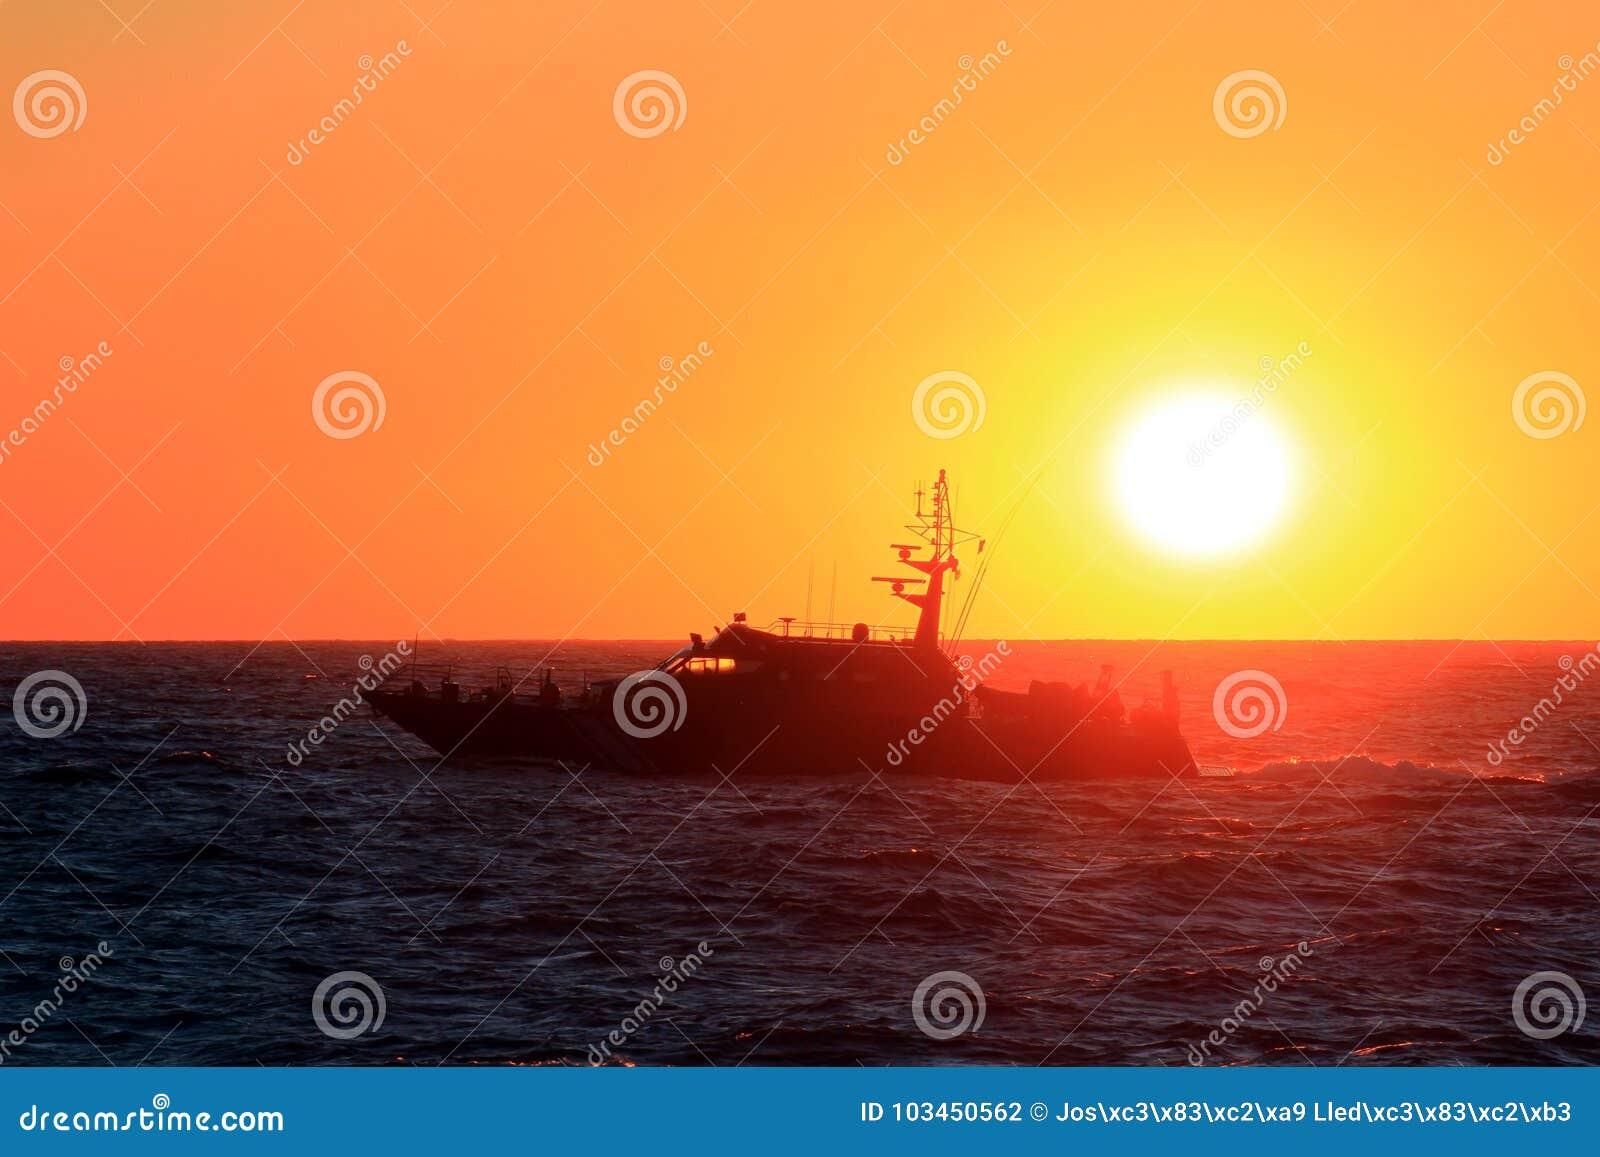 Ακτοφυλακή που πλέει κατά τη διάρκεια του ηλιοβασιλέματος